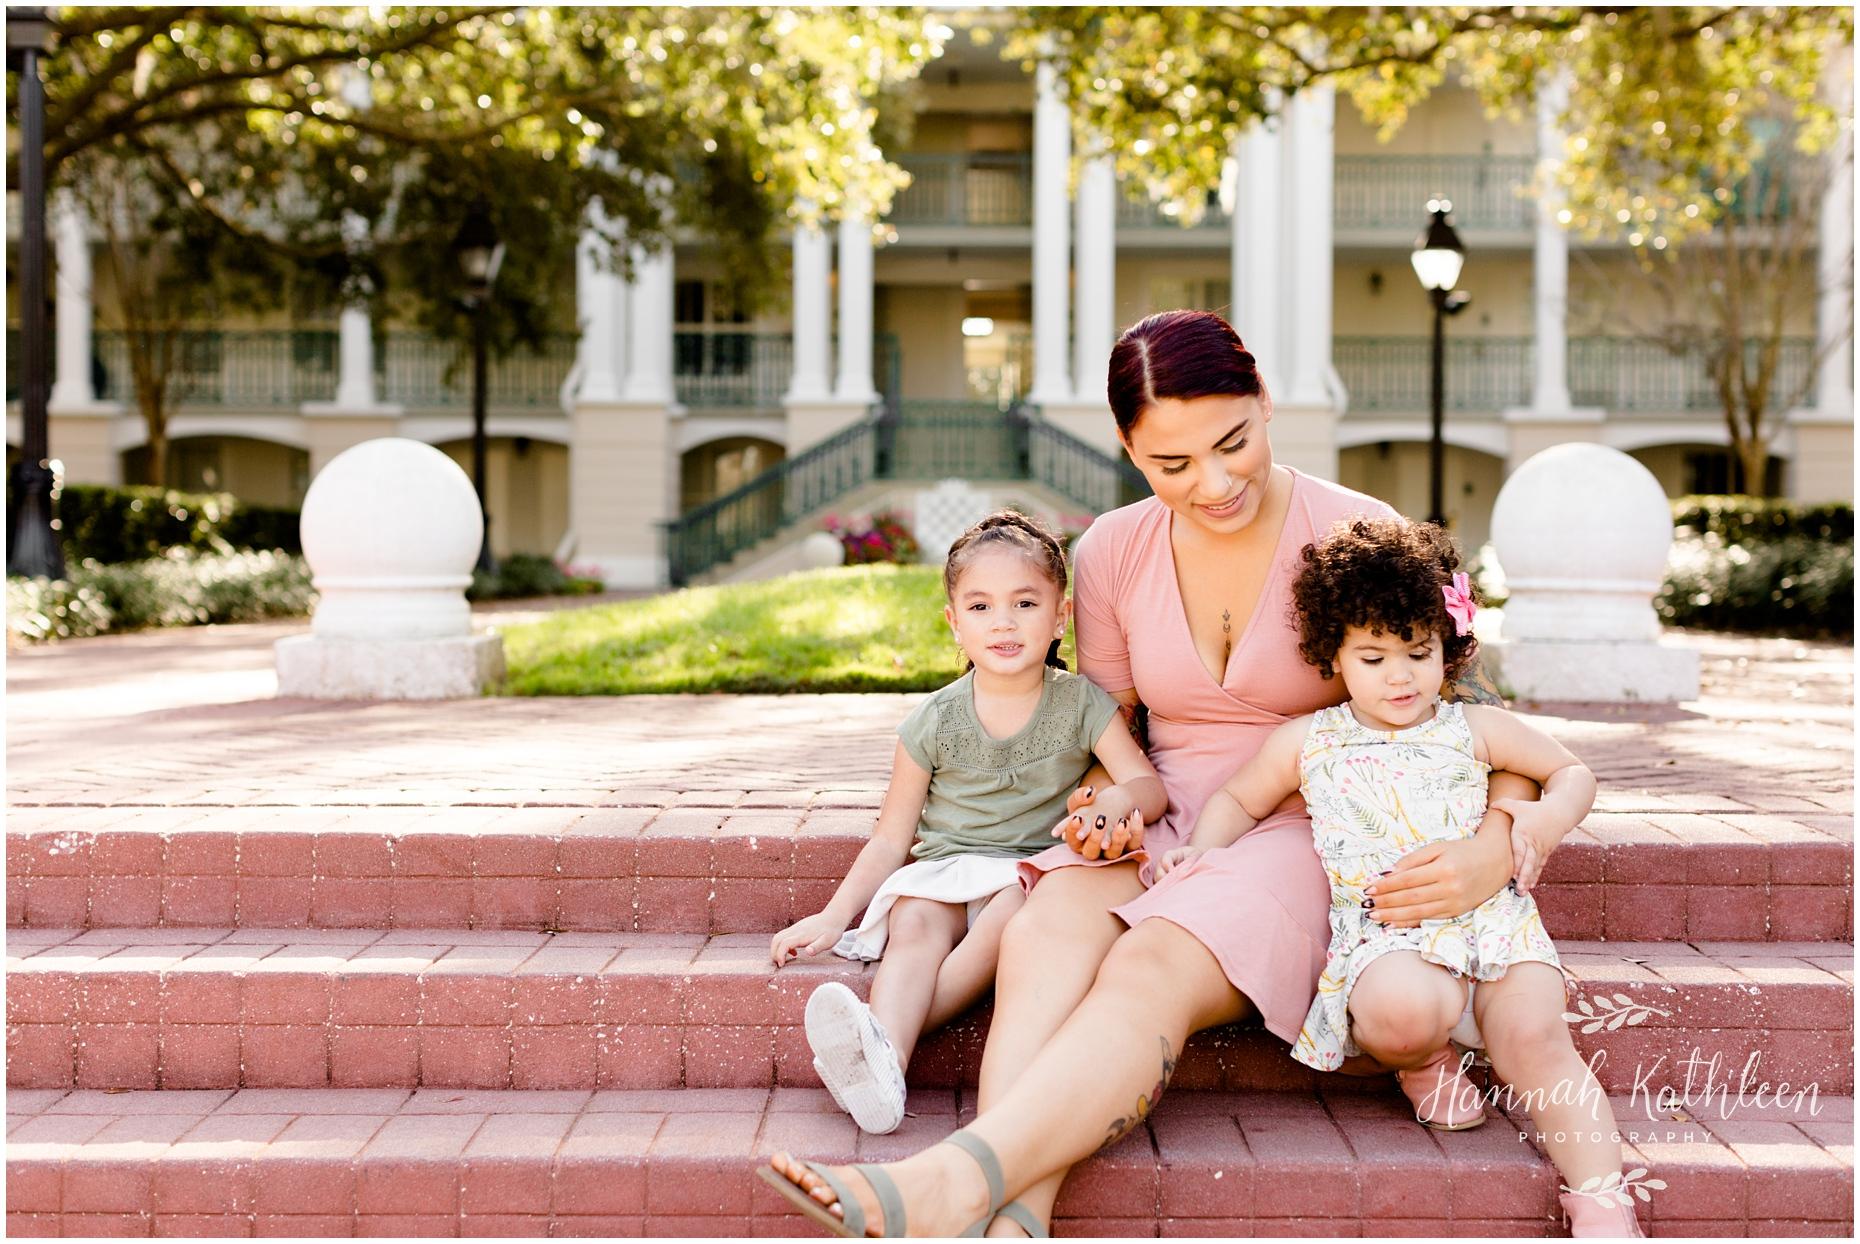 Dominguez_Disney_Port_Orleans_Riverside_Family_Photos